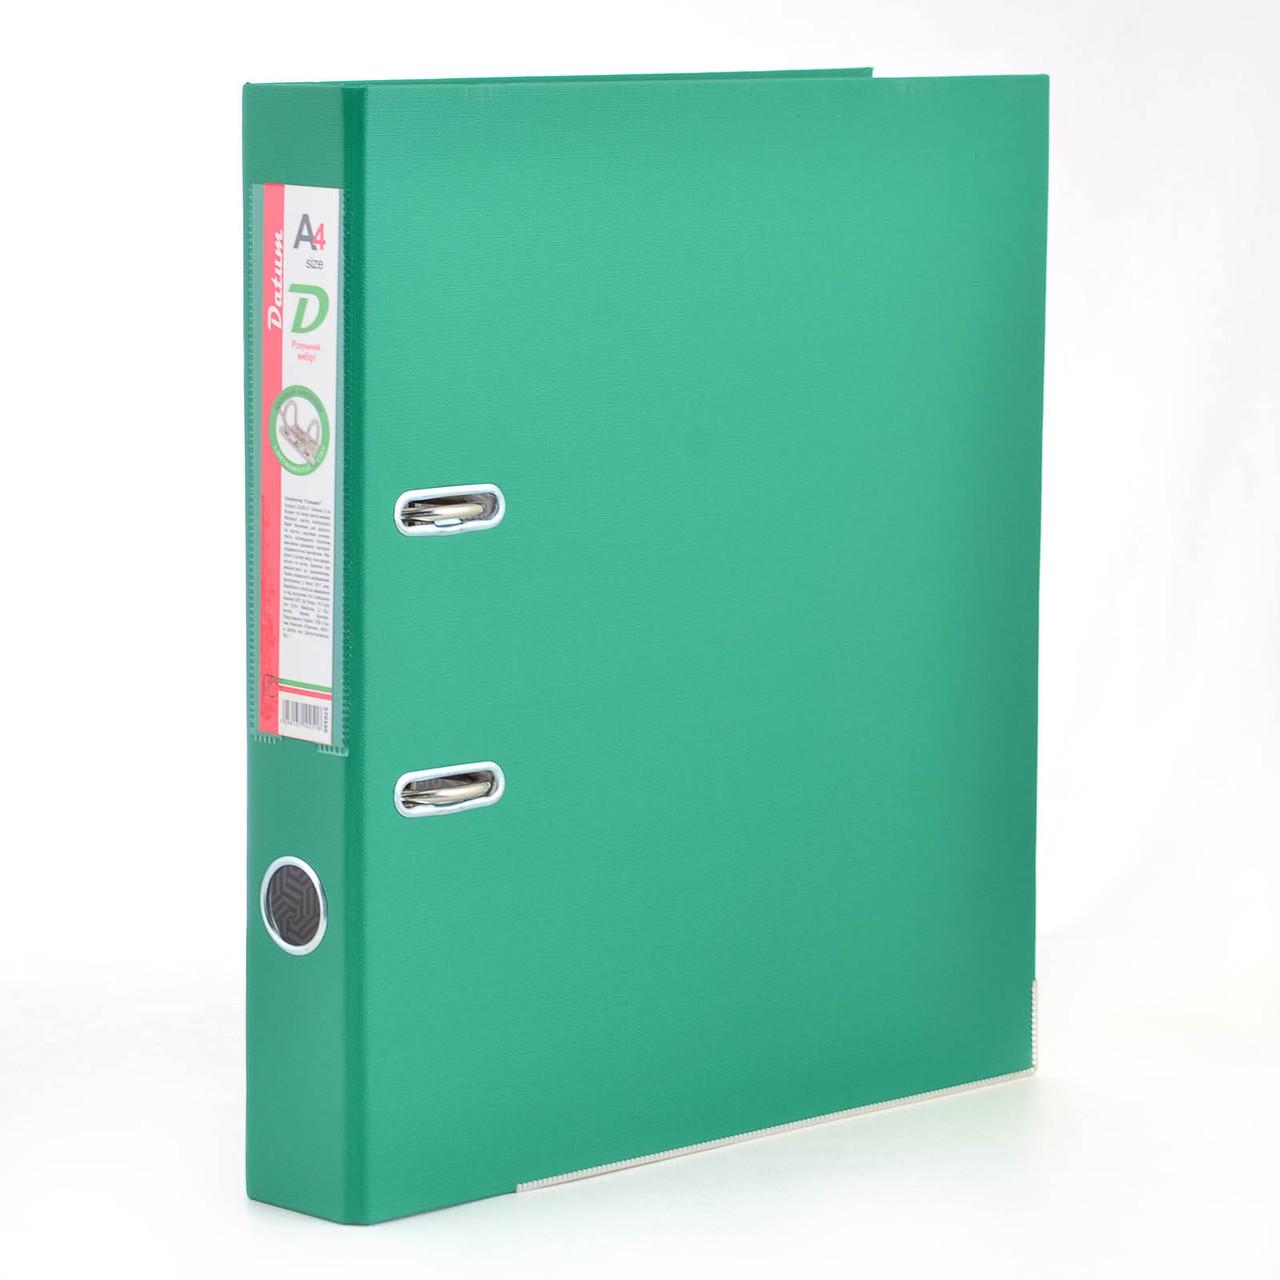 Сегрегатор А4/5см светло-зеленый D2260-07 (сборной)